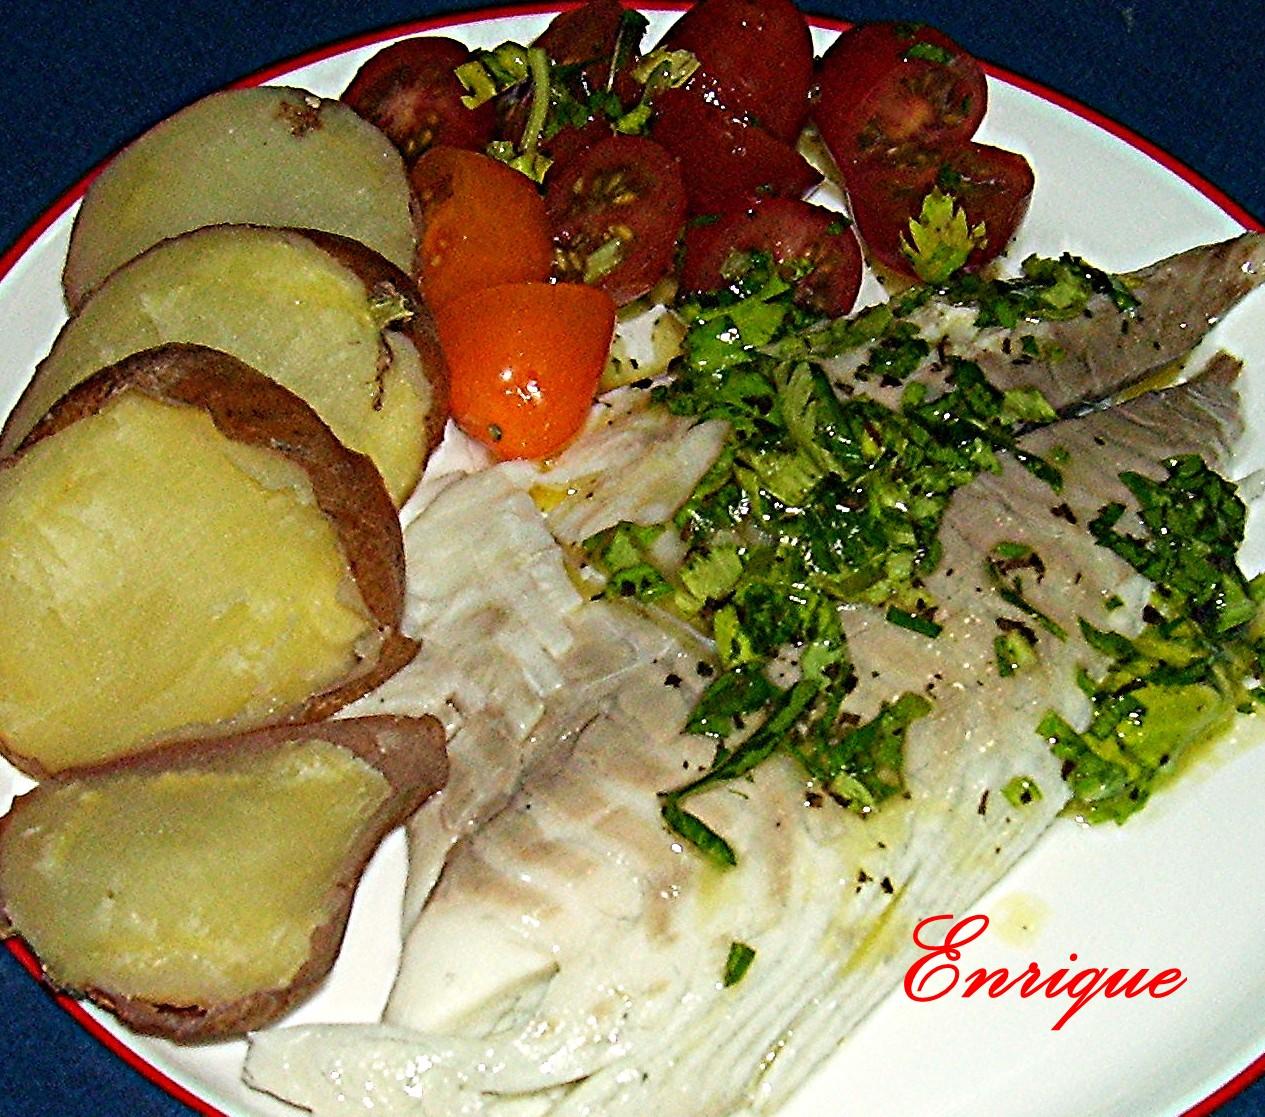 C Sur Cocina Enrique | La Cocina De Enrique